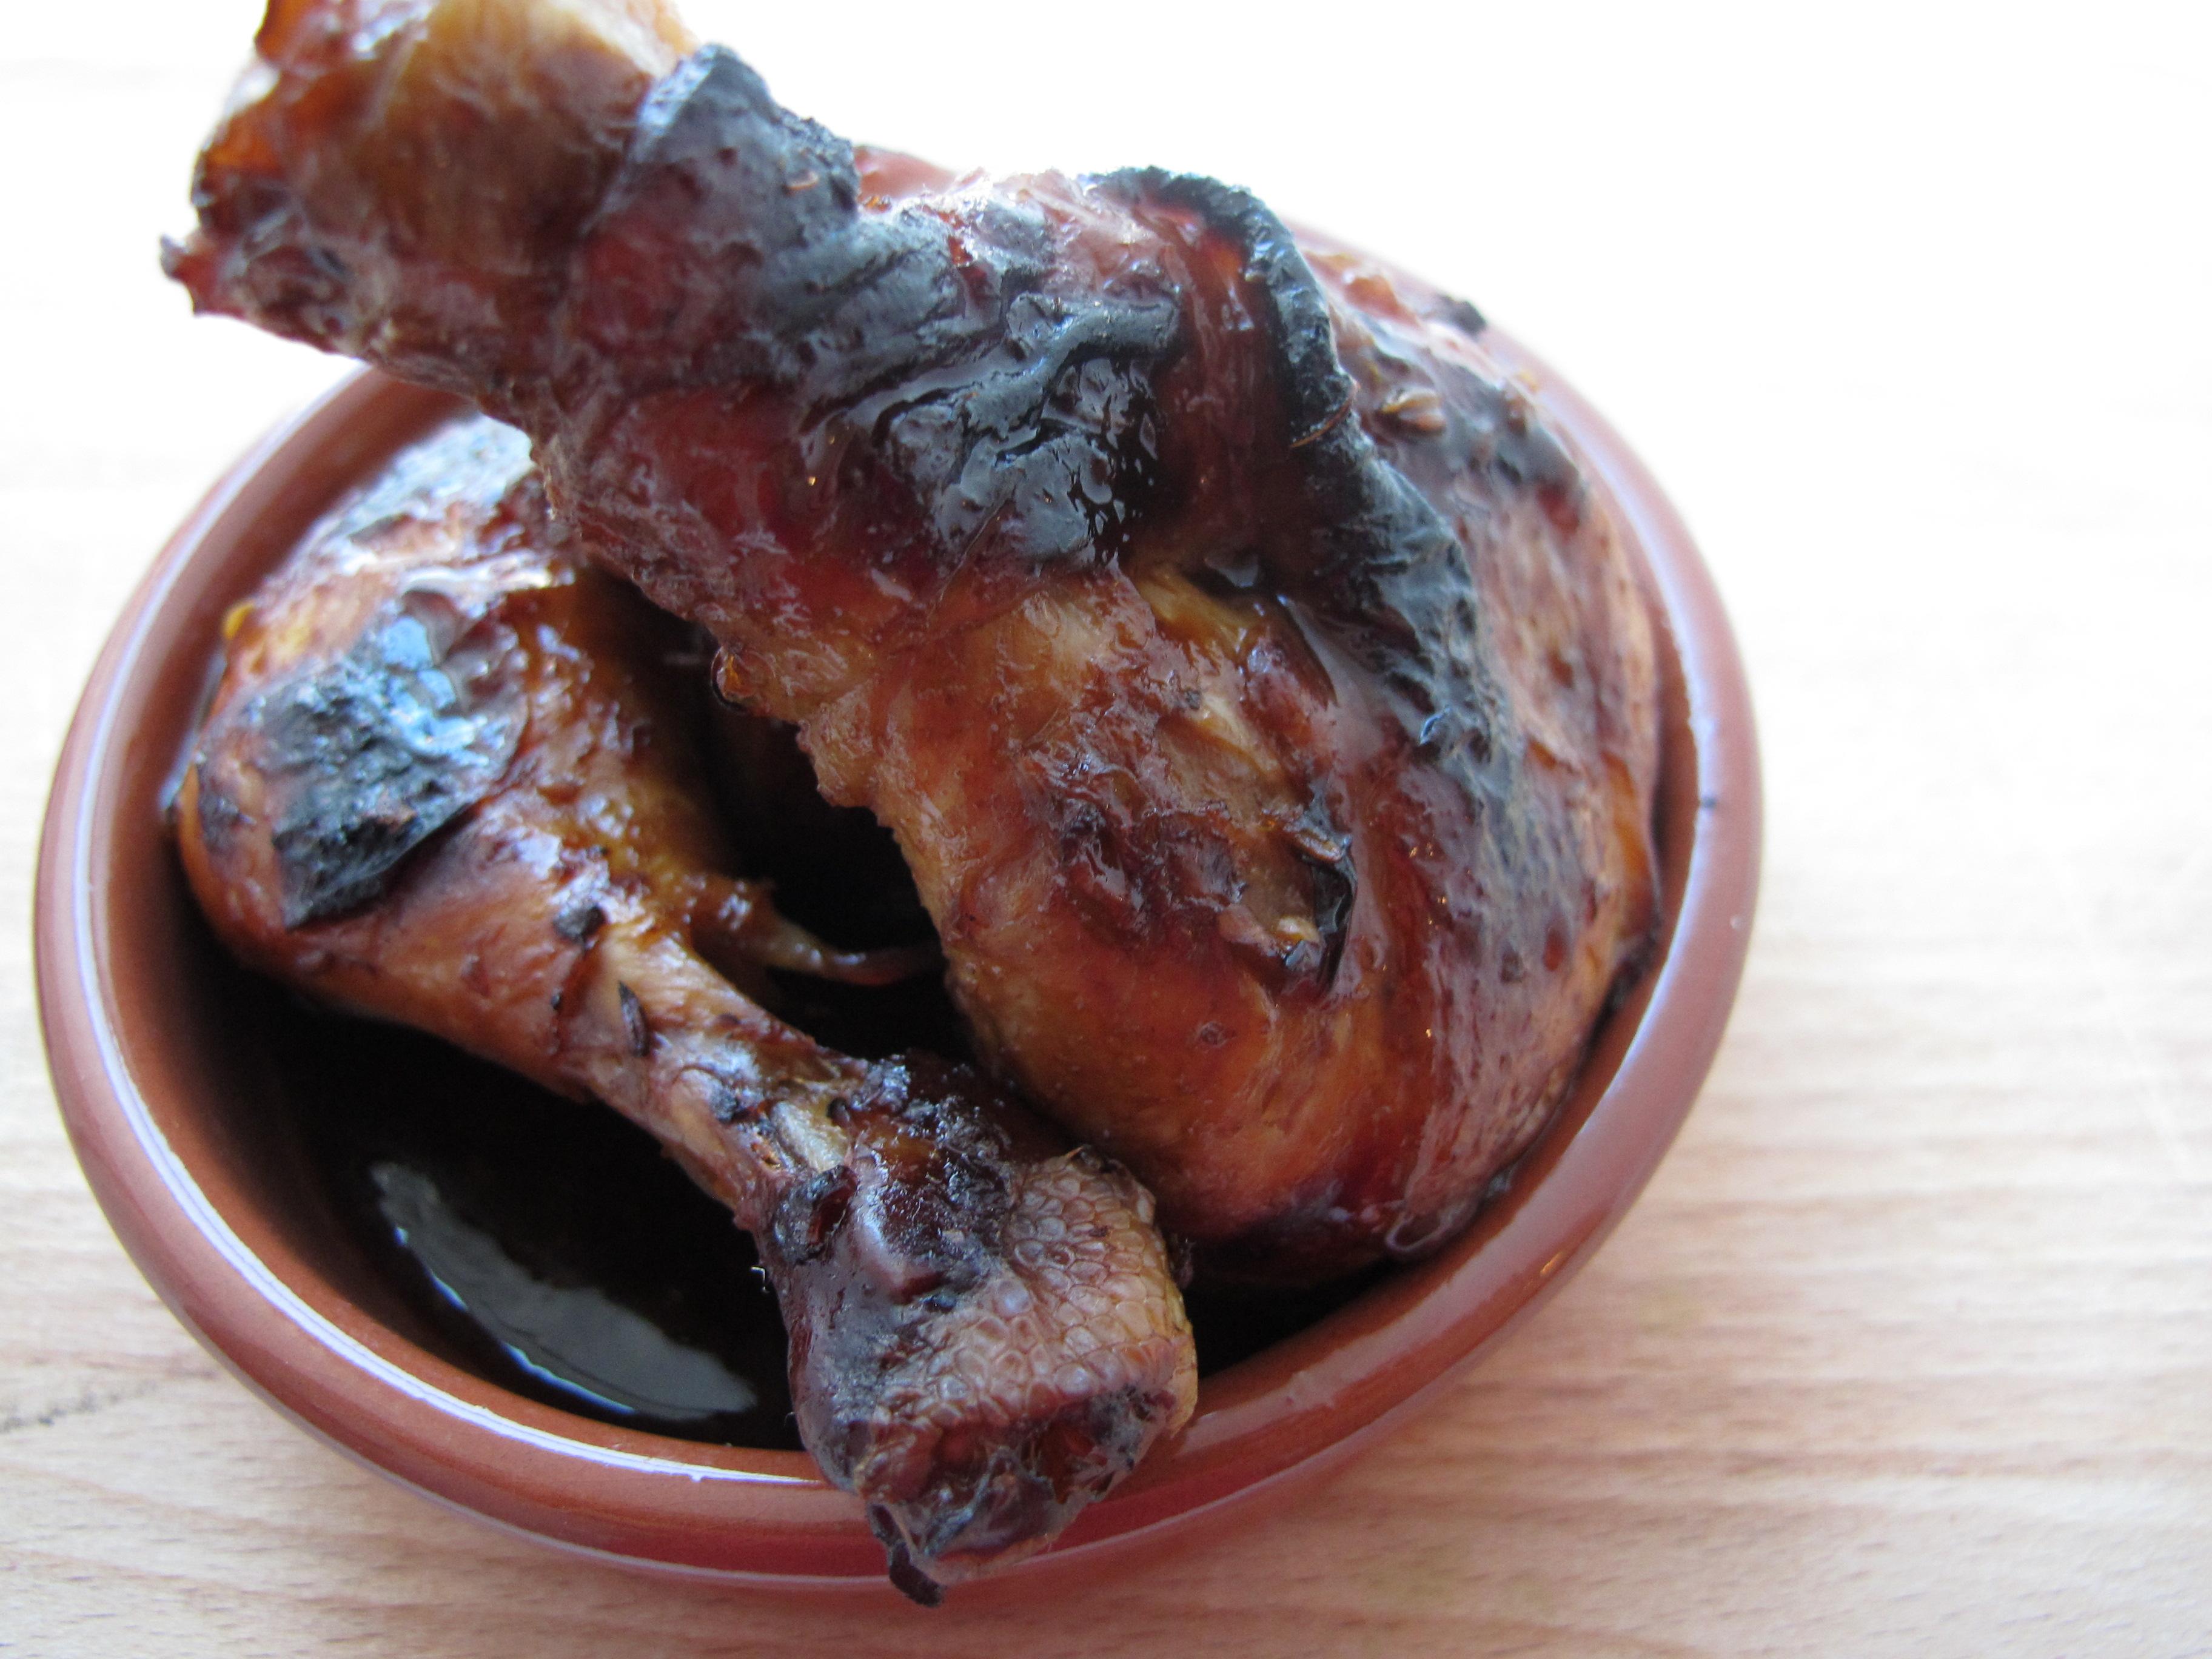 Deilige kyllinglår med lønnesirup,chili og appelsin, og hva du absolutt ikke skal servere pådate.